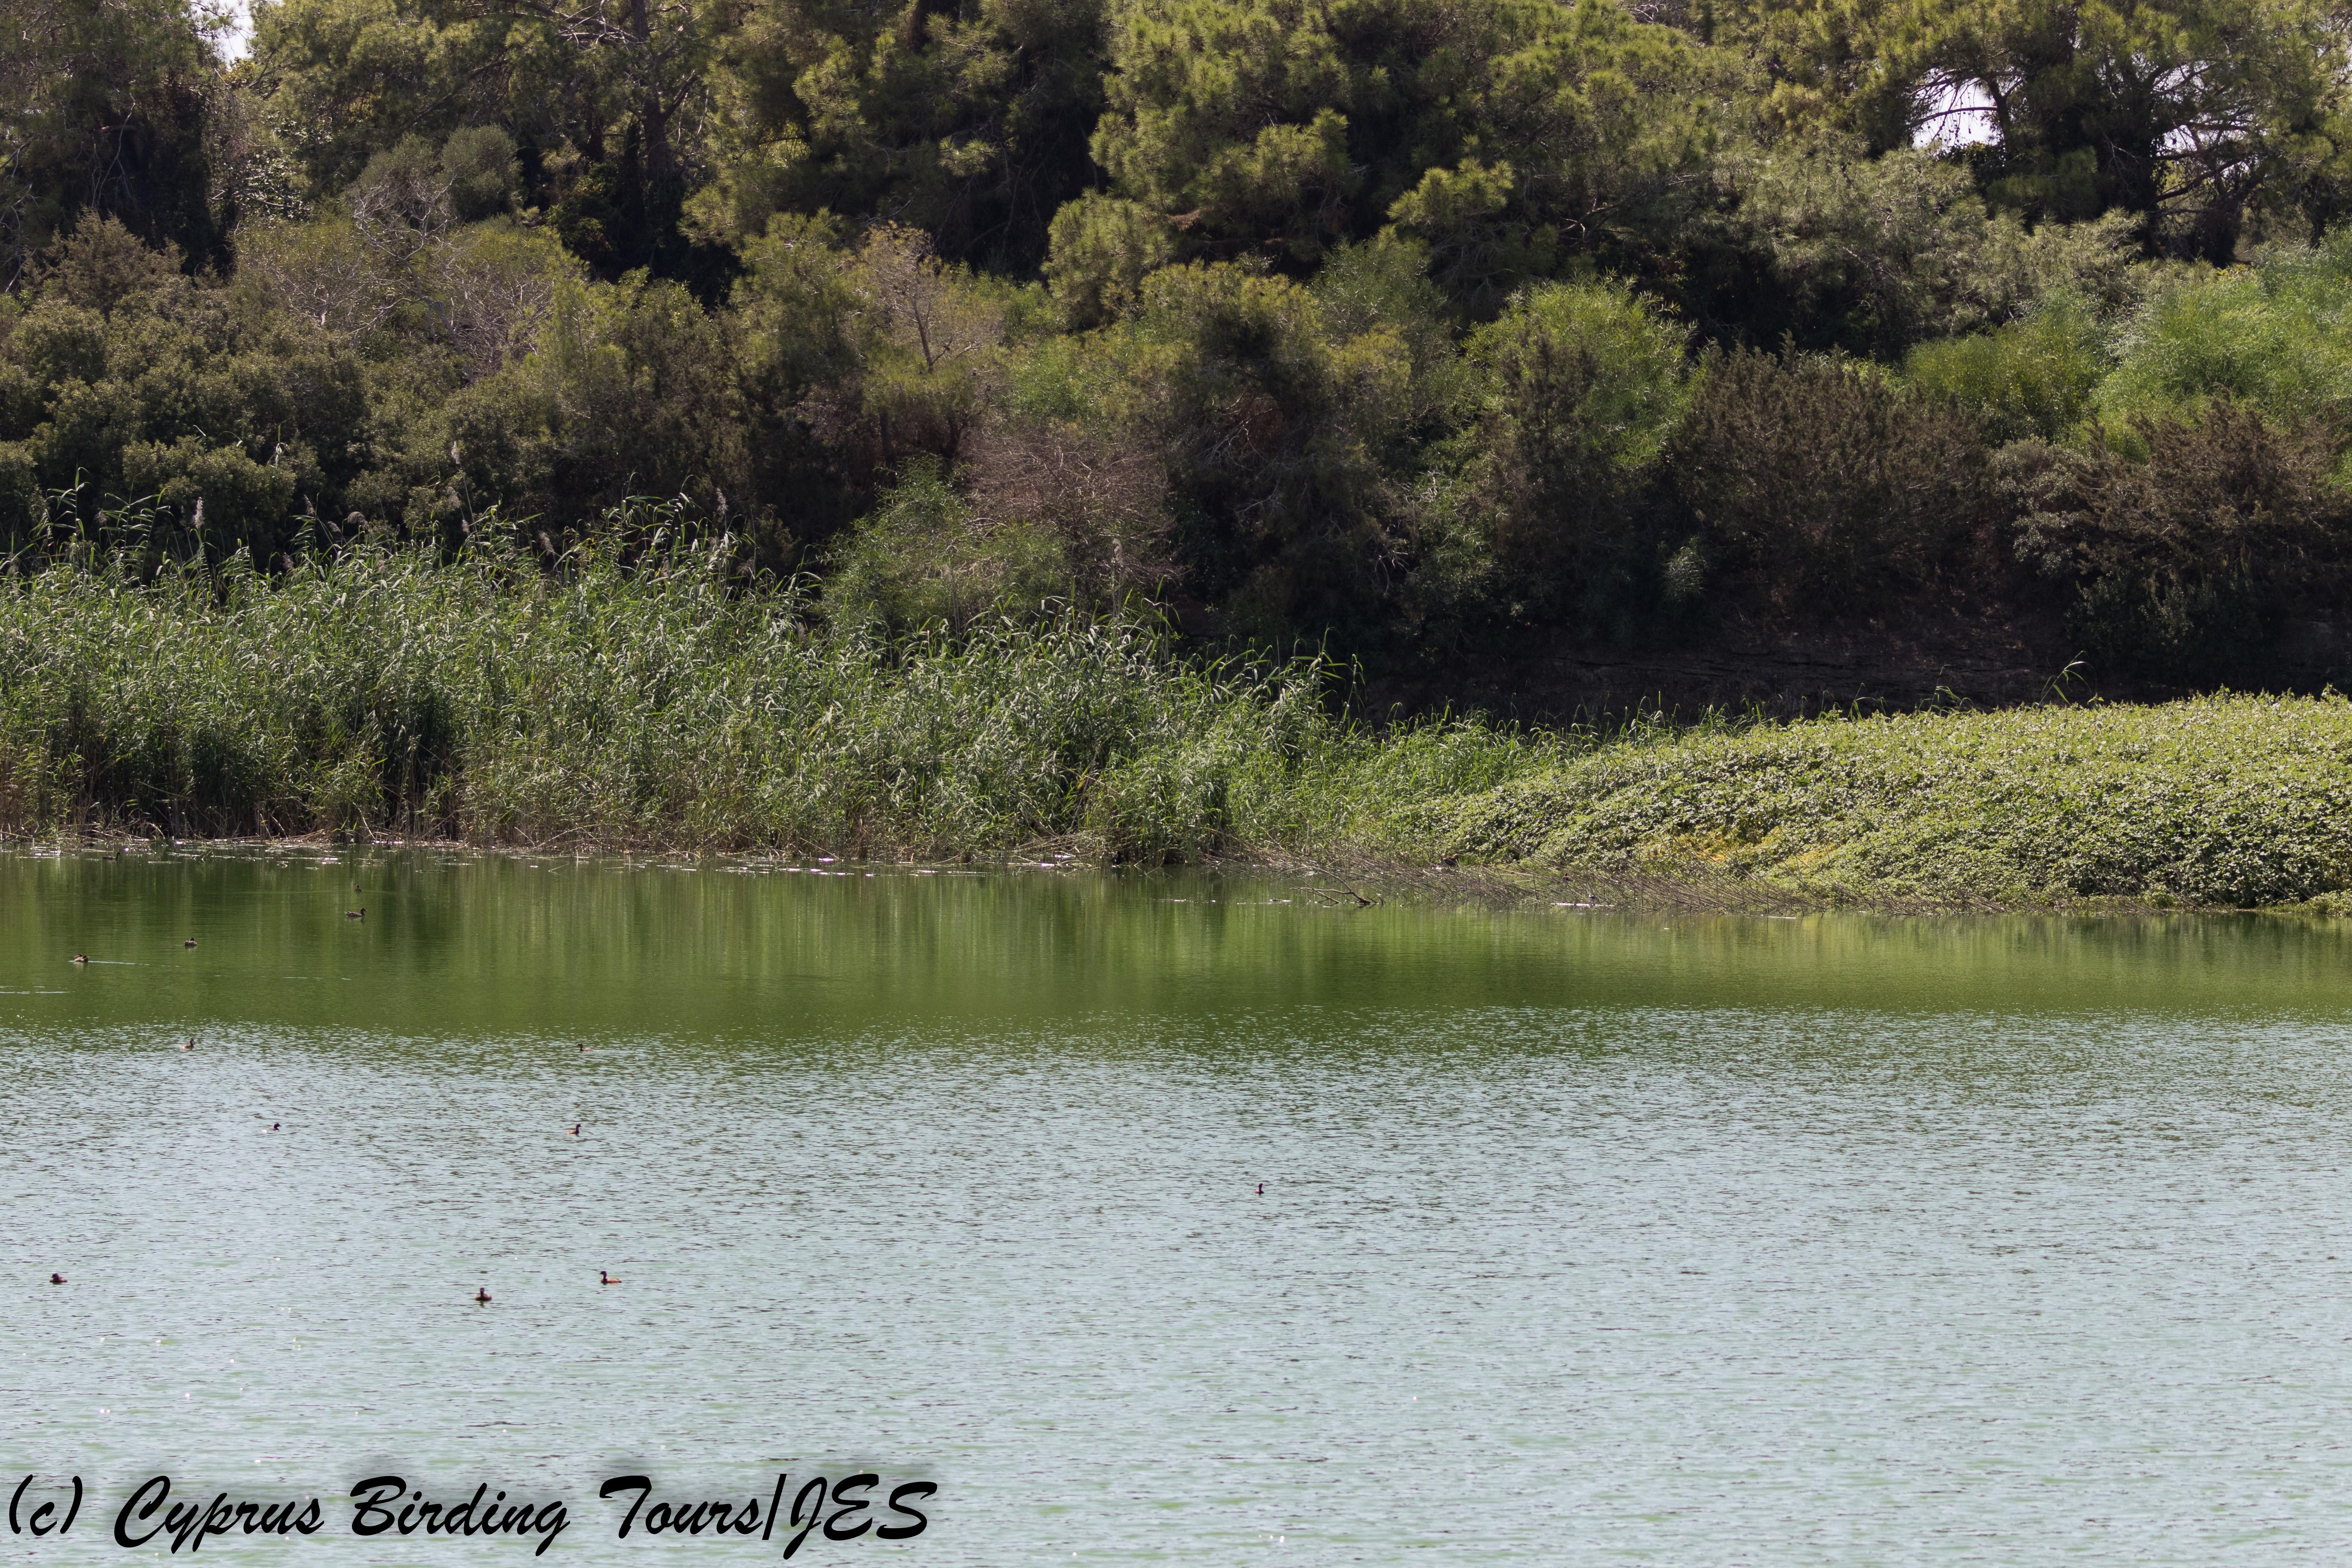 Bishop's Pool 12 September 2017 (c) Cyprus Birding Tours